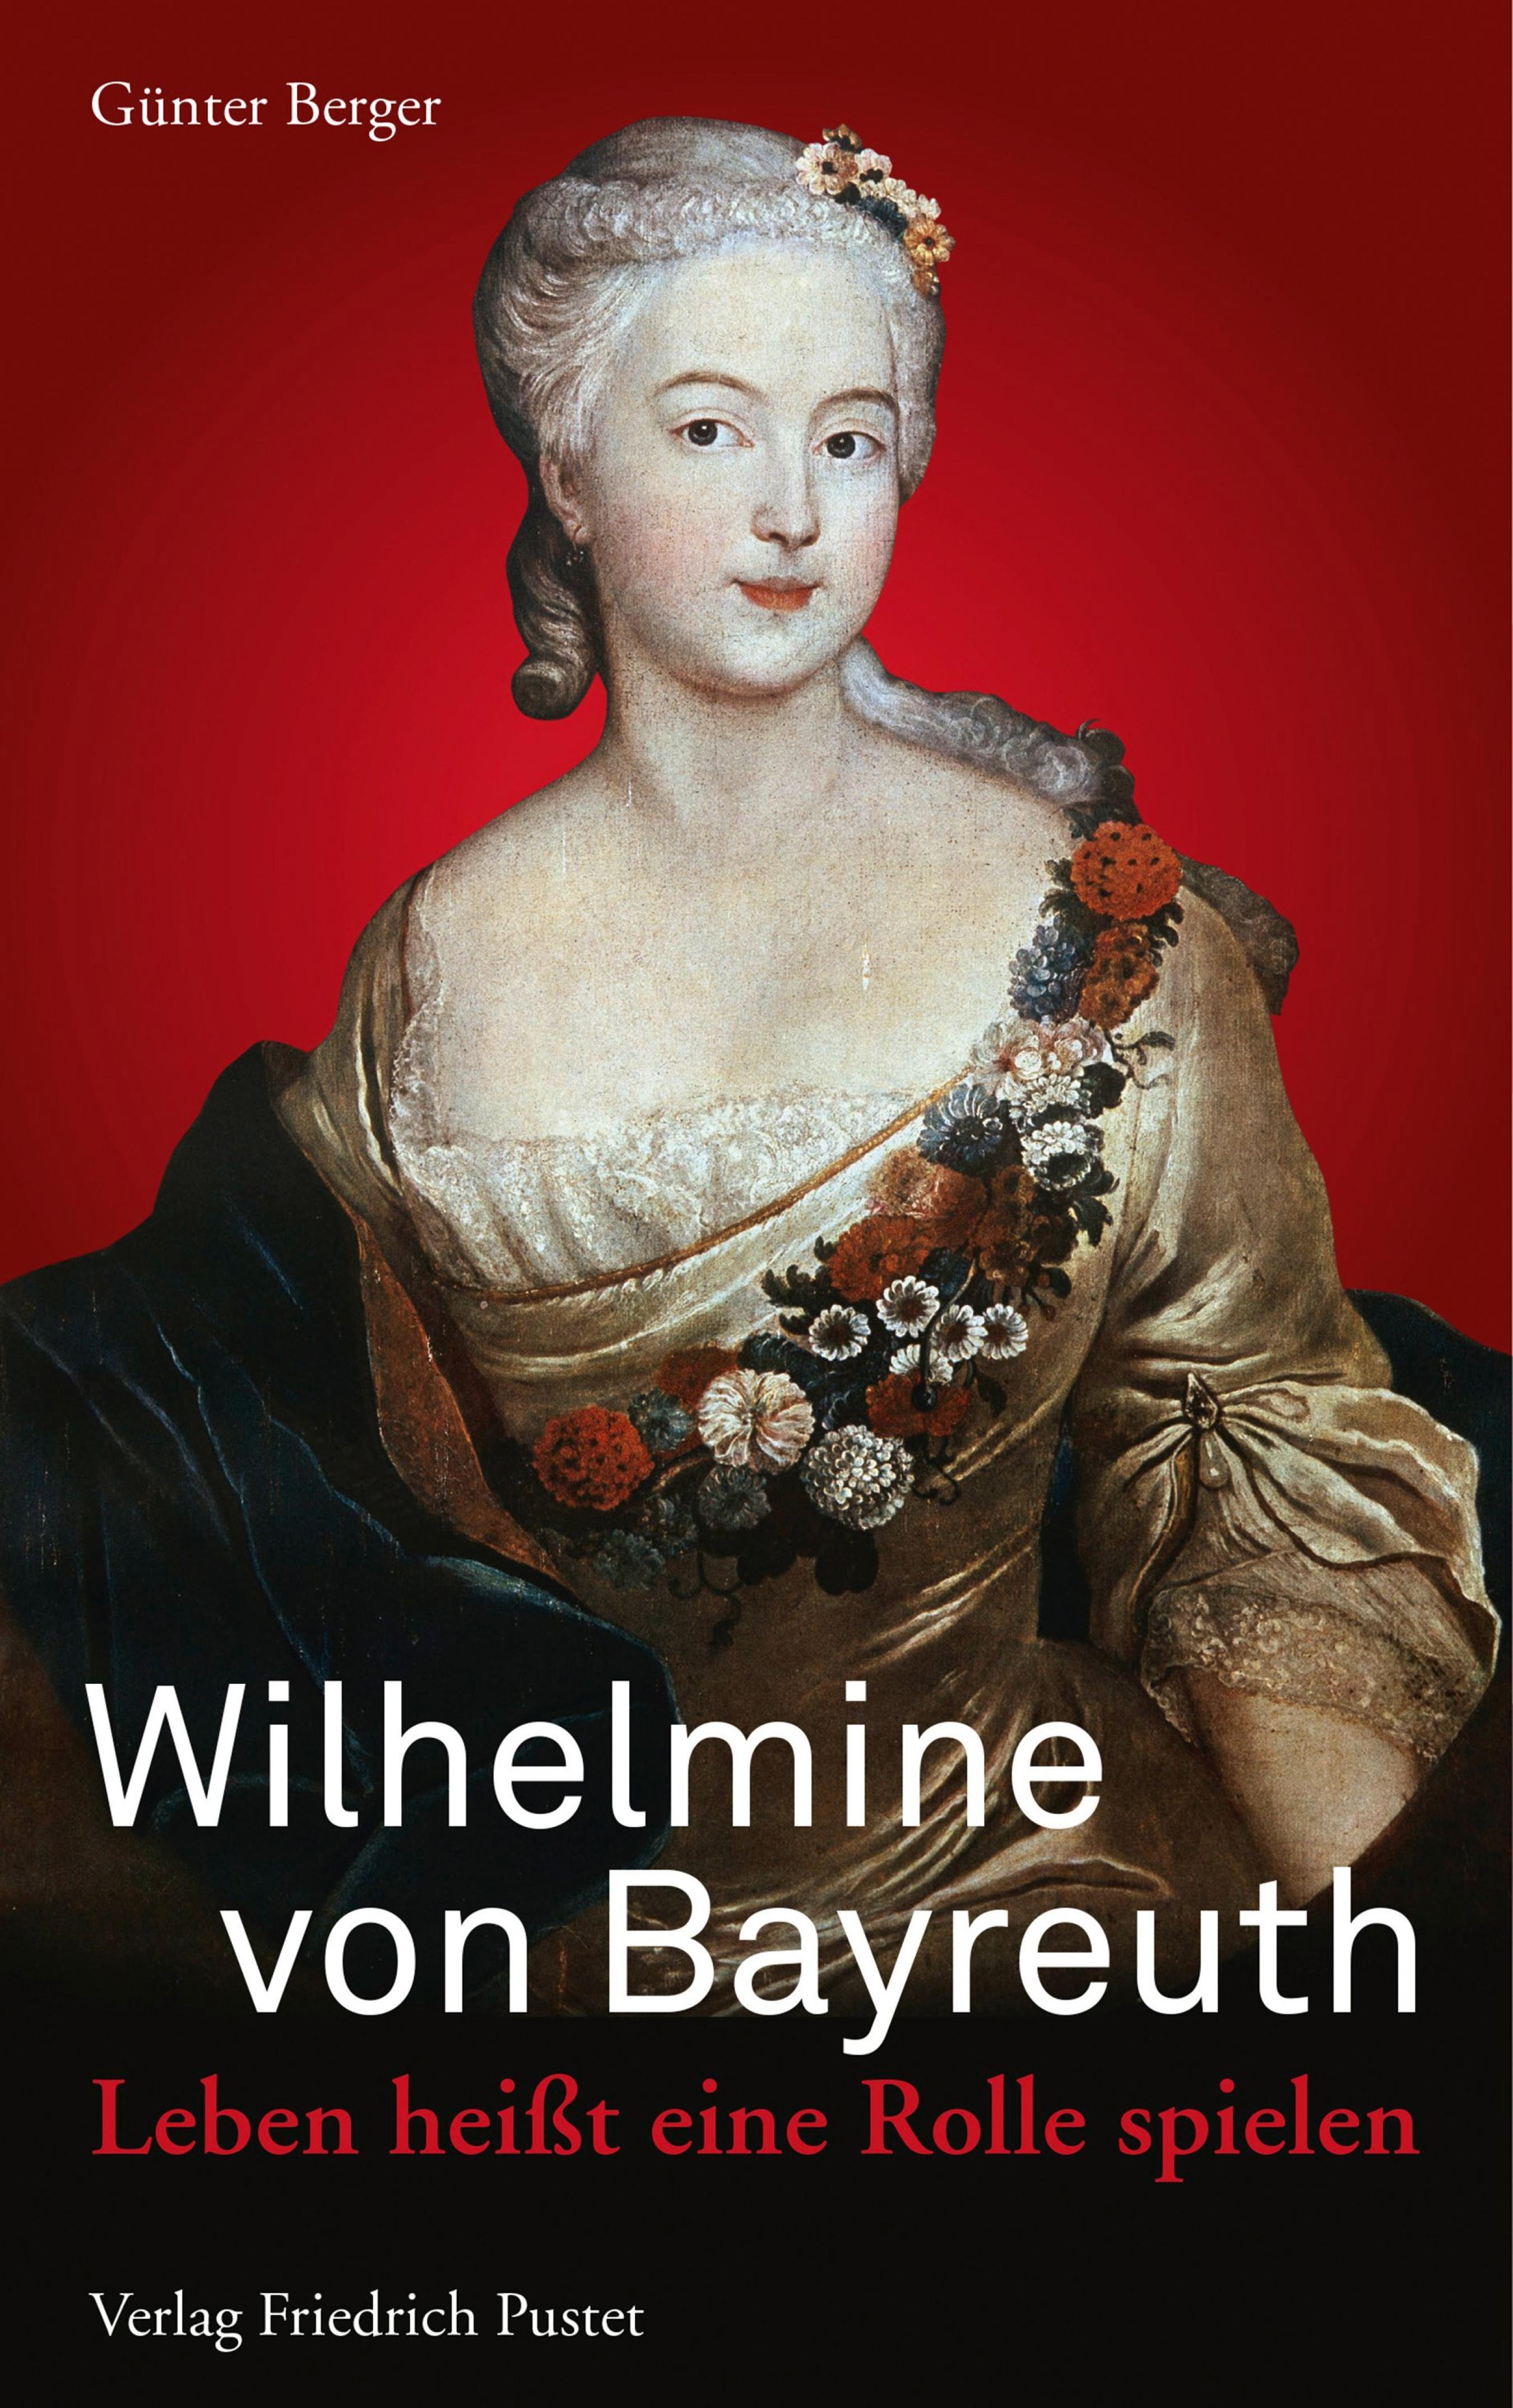 Günter Berger Wilhelmine von Bayreuth